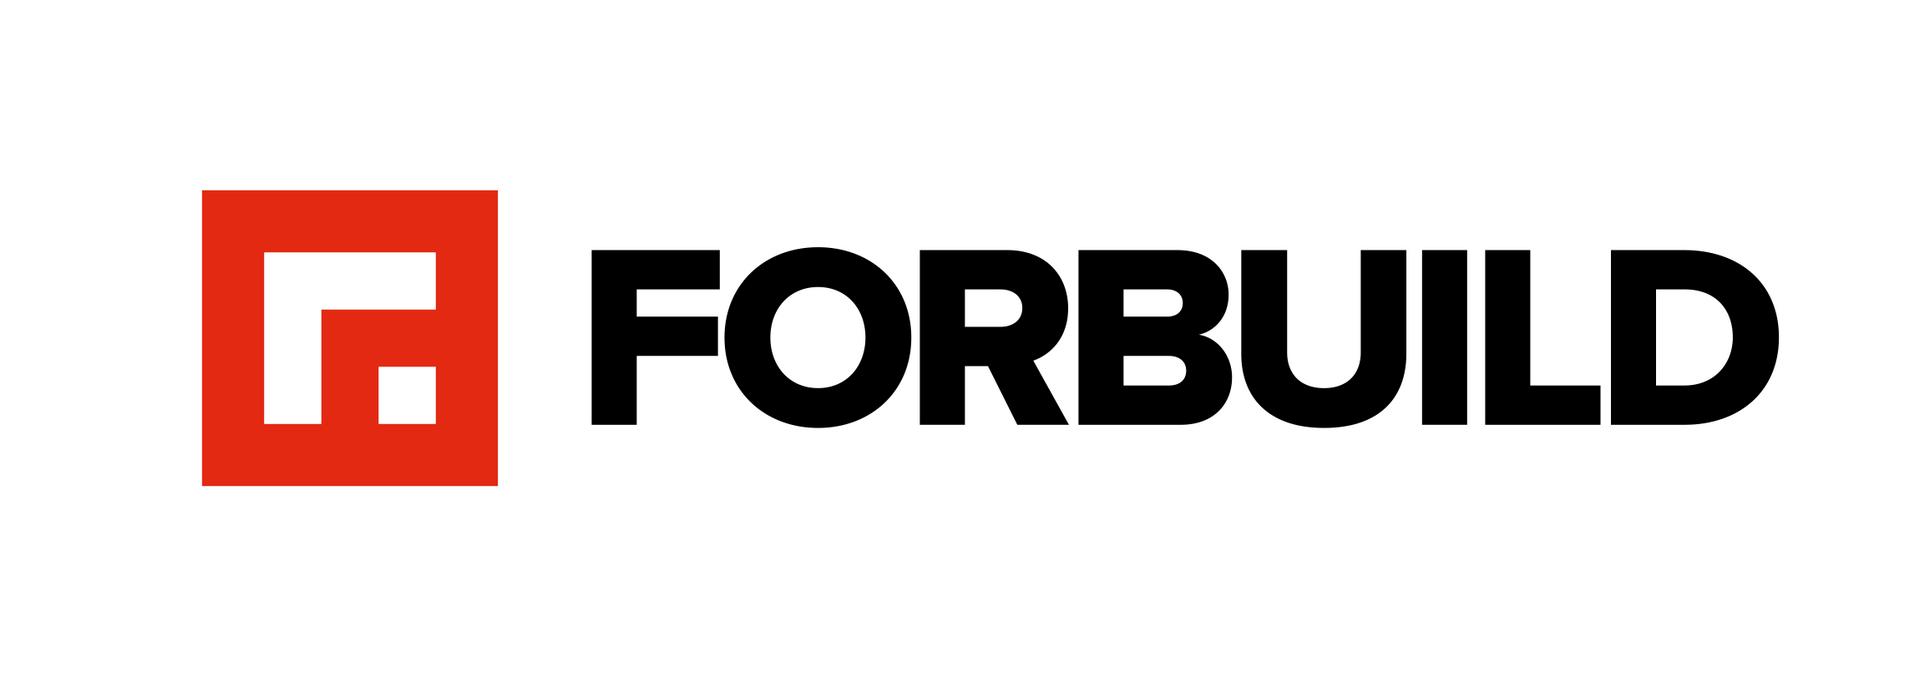 FORBUILD